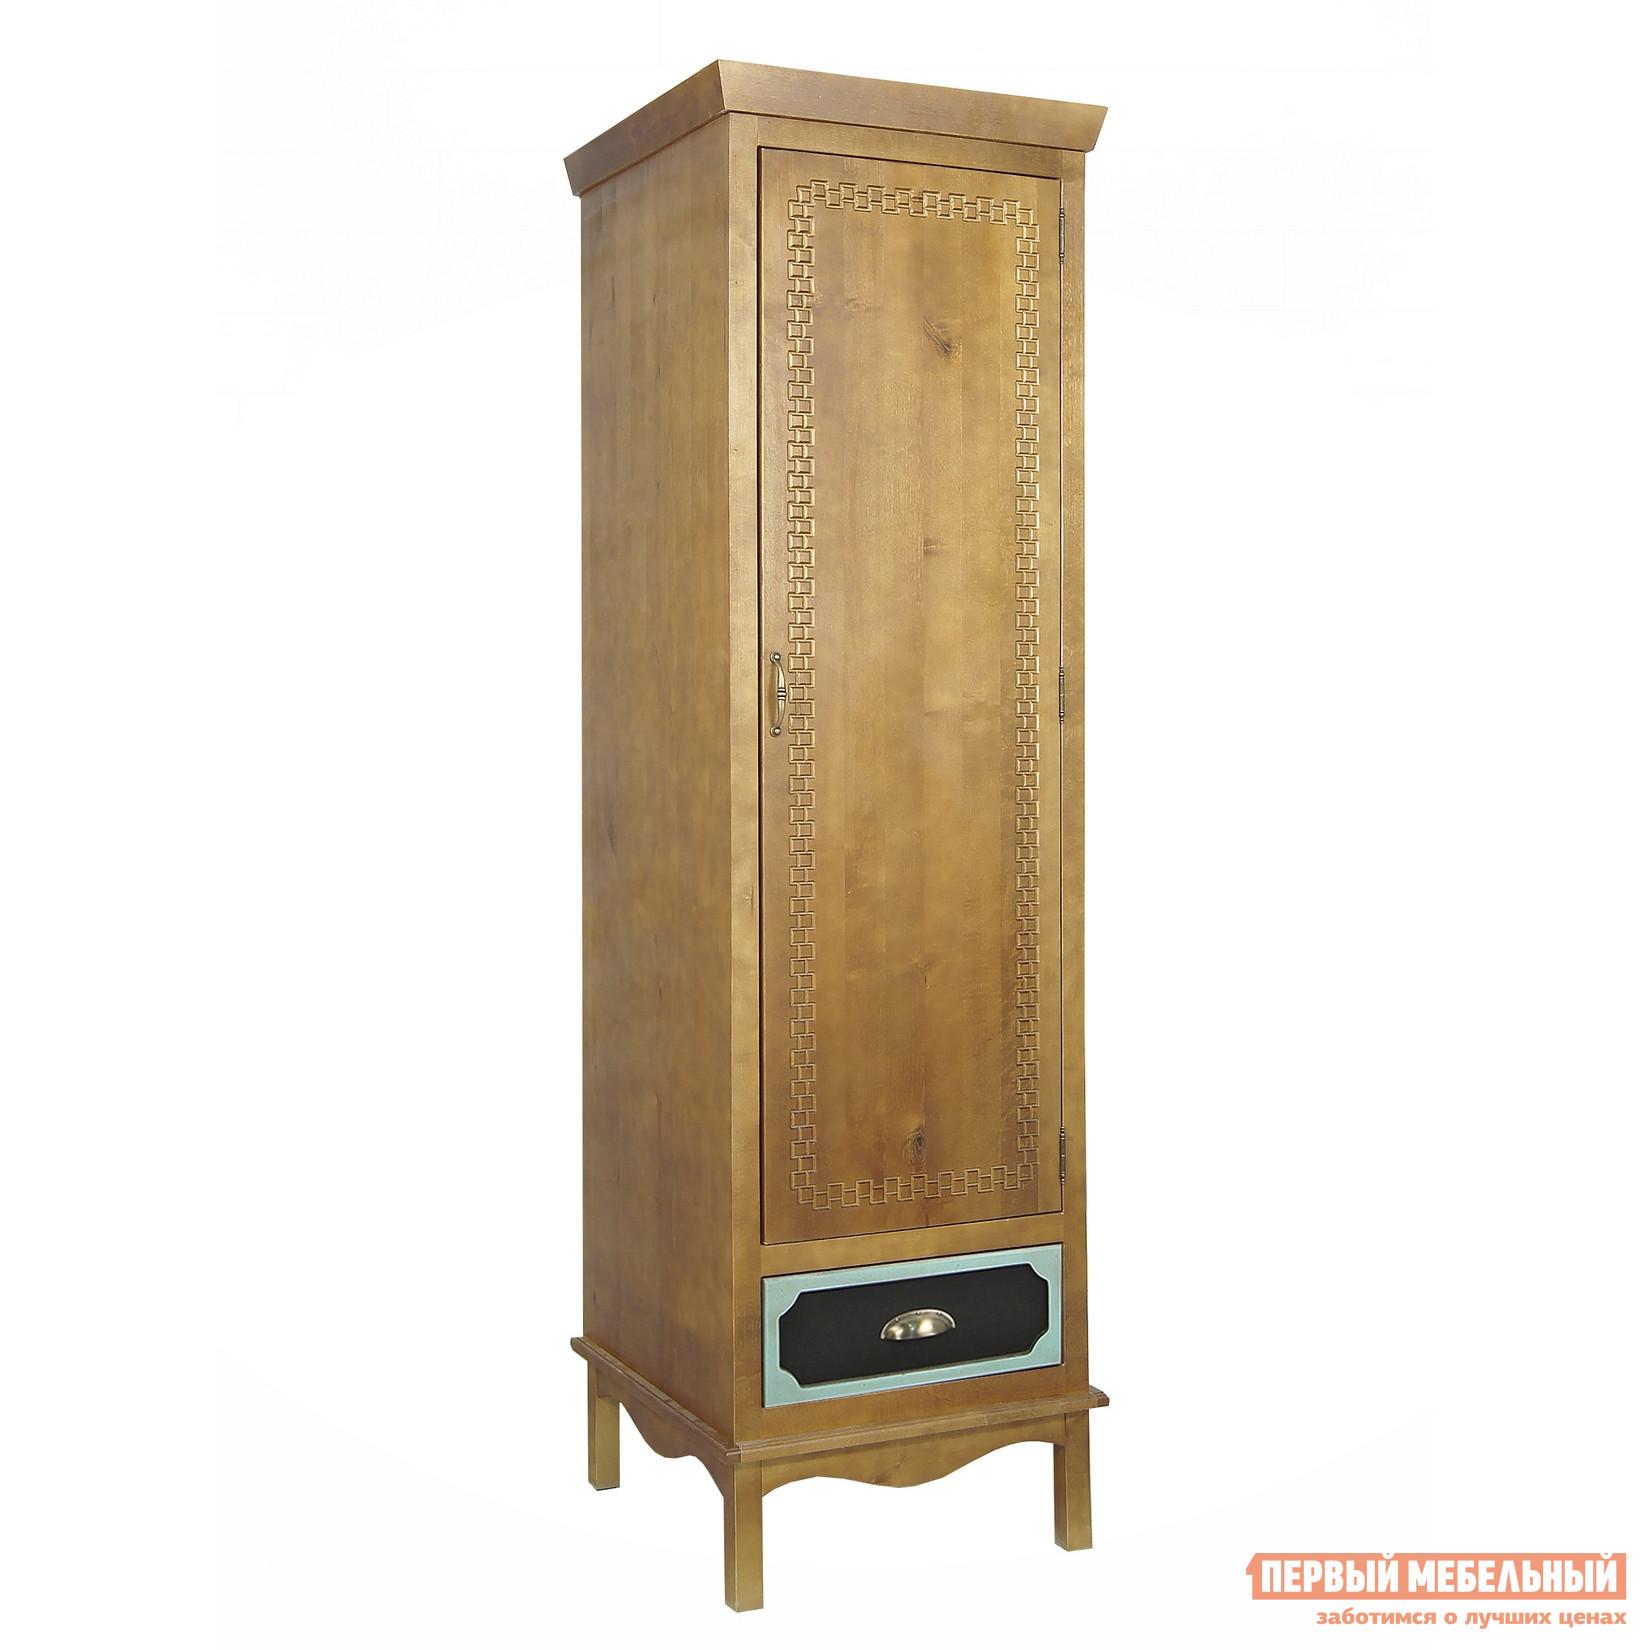 Шкаф распашной Этажерка М10527/1ETG стоимость